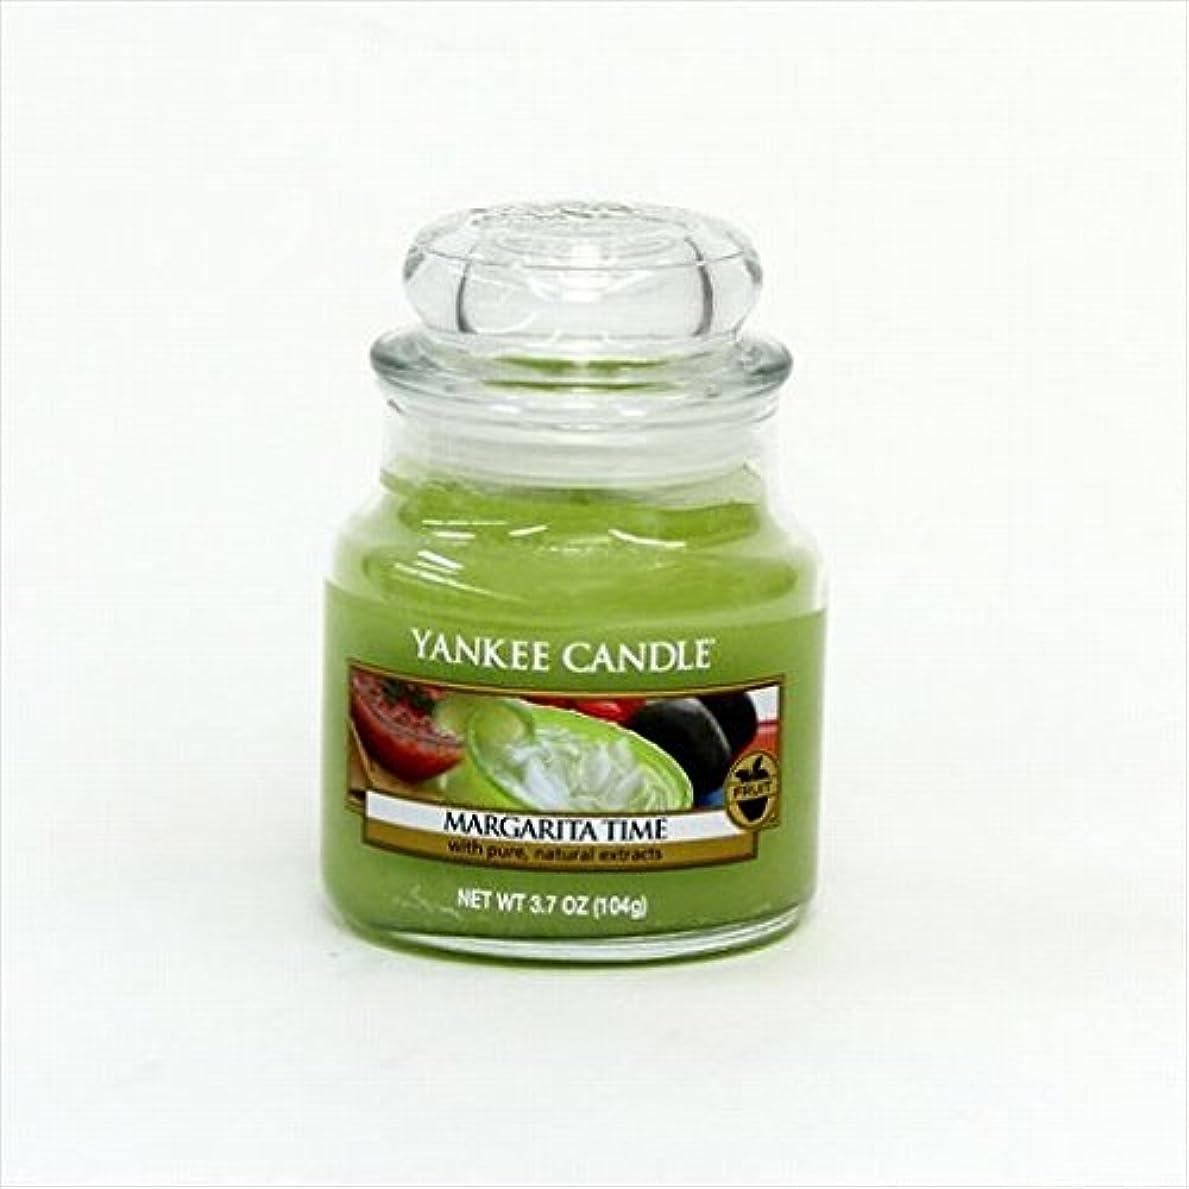 近代化するバレル血統カメヤマキャンドル(kameyama candle) YANKEE CANDLE ジャーS 「 マルガリータ タイム 」